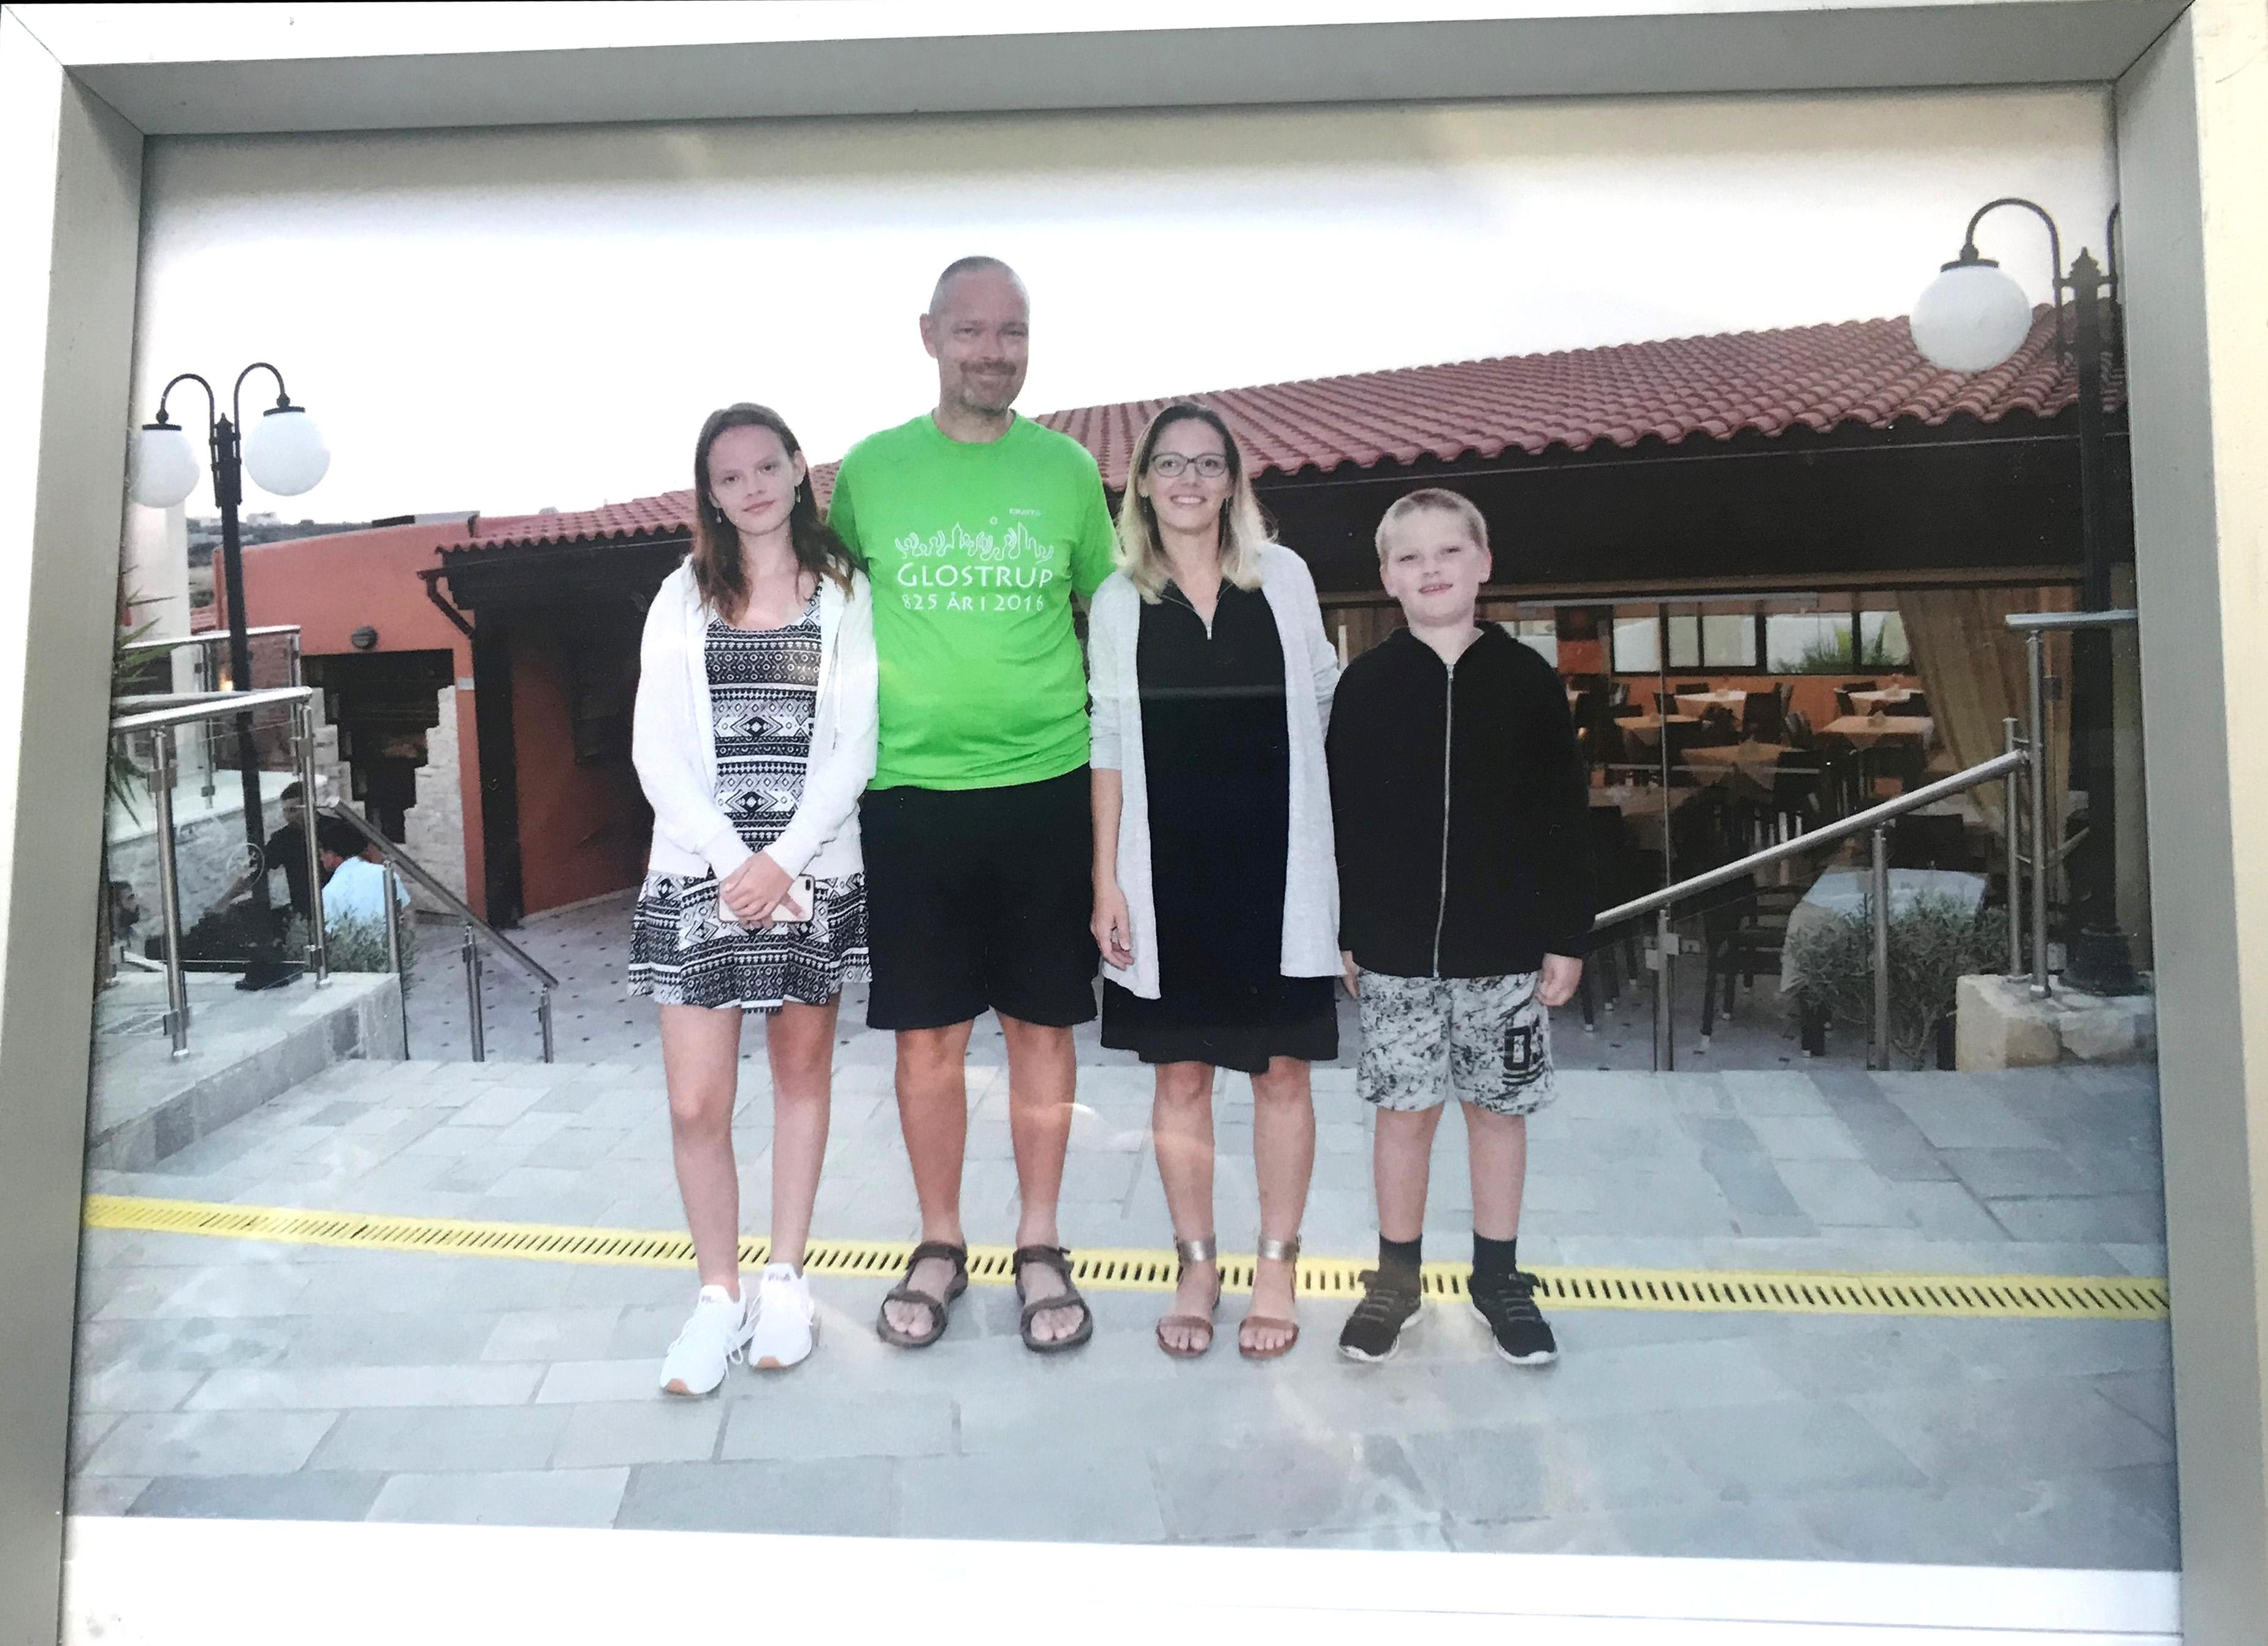 Emilie, Kenneth, Lisbeth og Mattias på ferie før Kenneth blev ramt af en blodprop i hjernen.